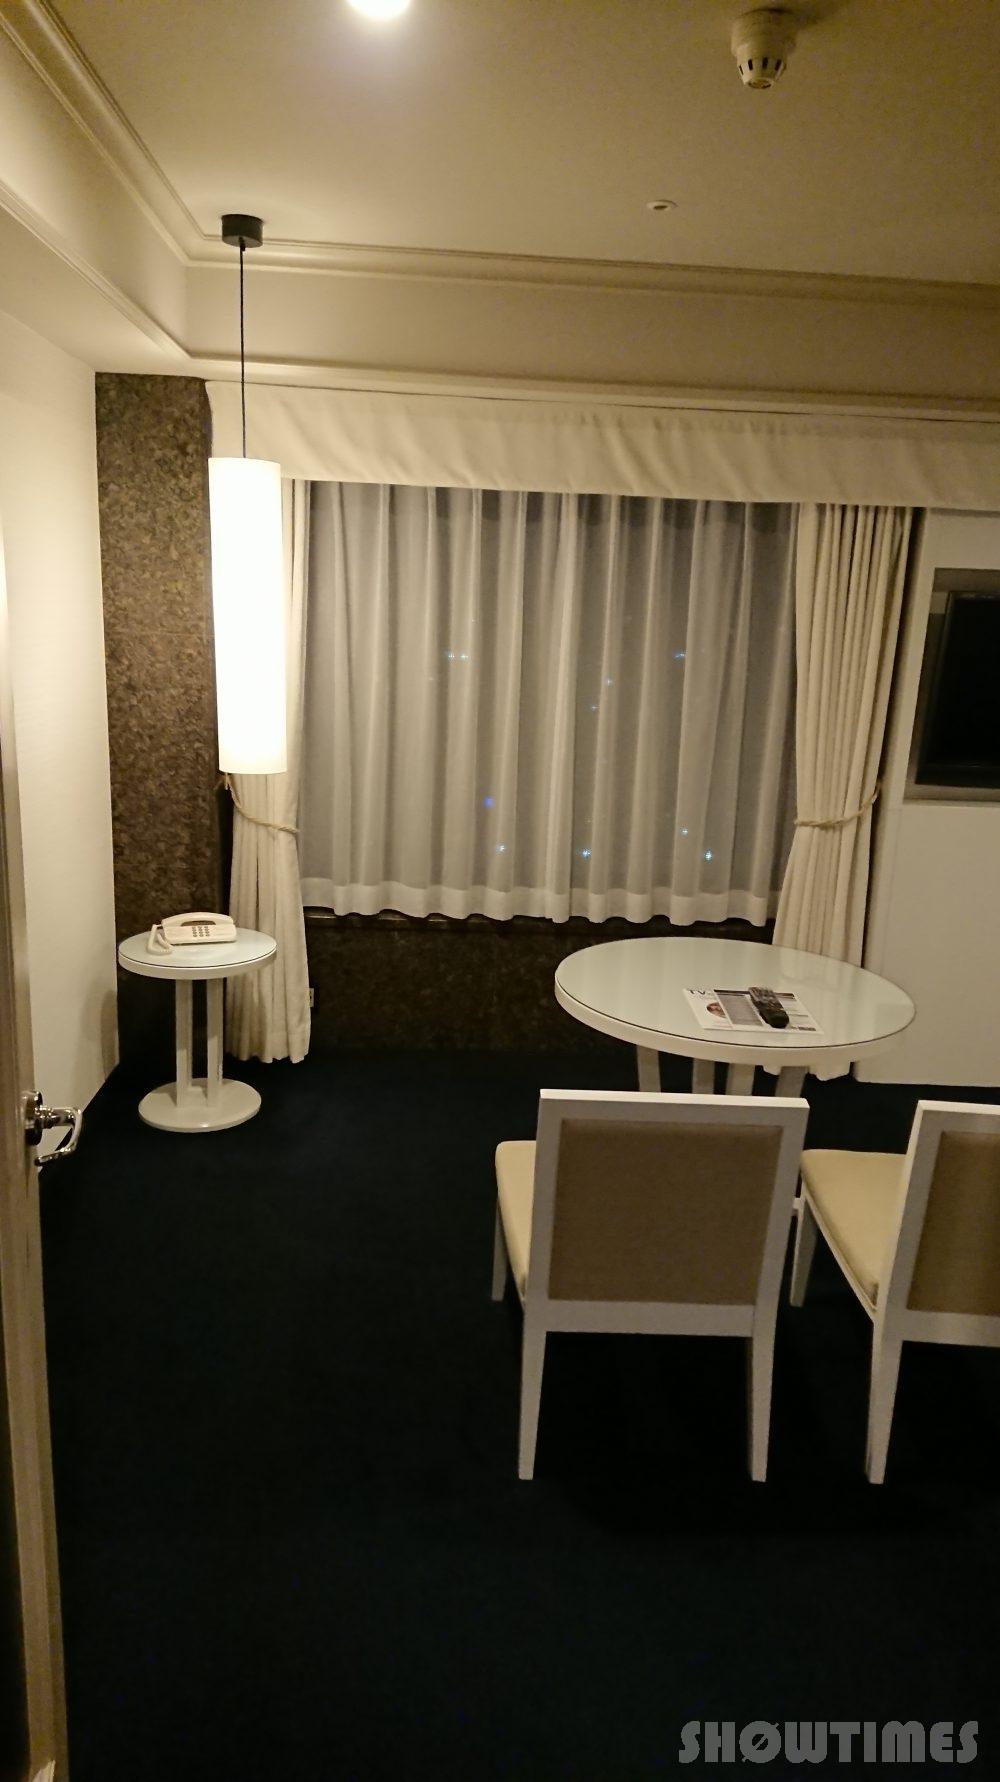 プレミアホテル中島デラックスラージダブルのリビング1